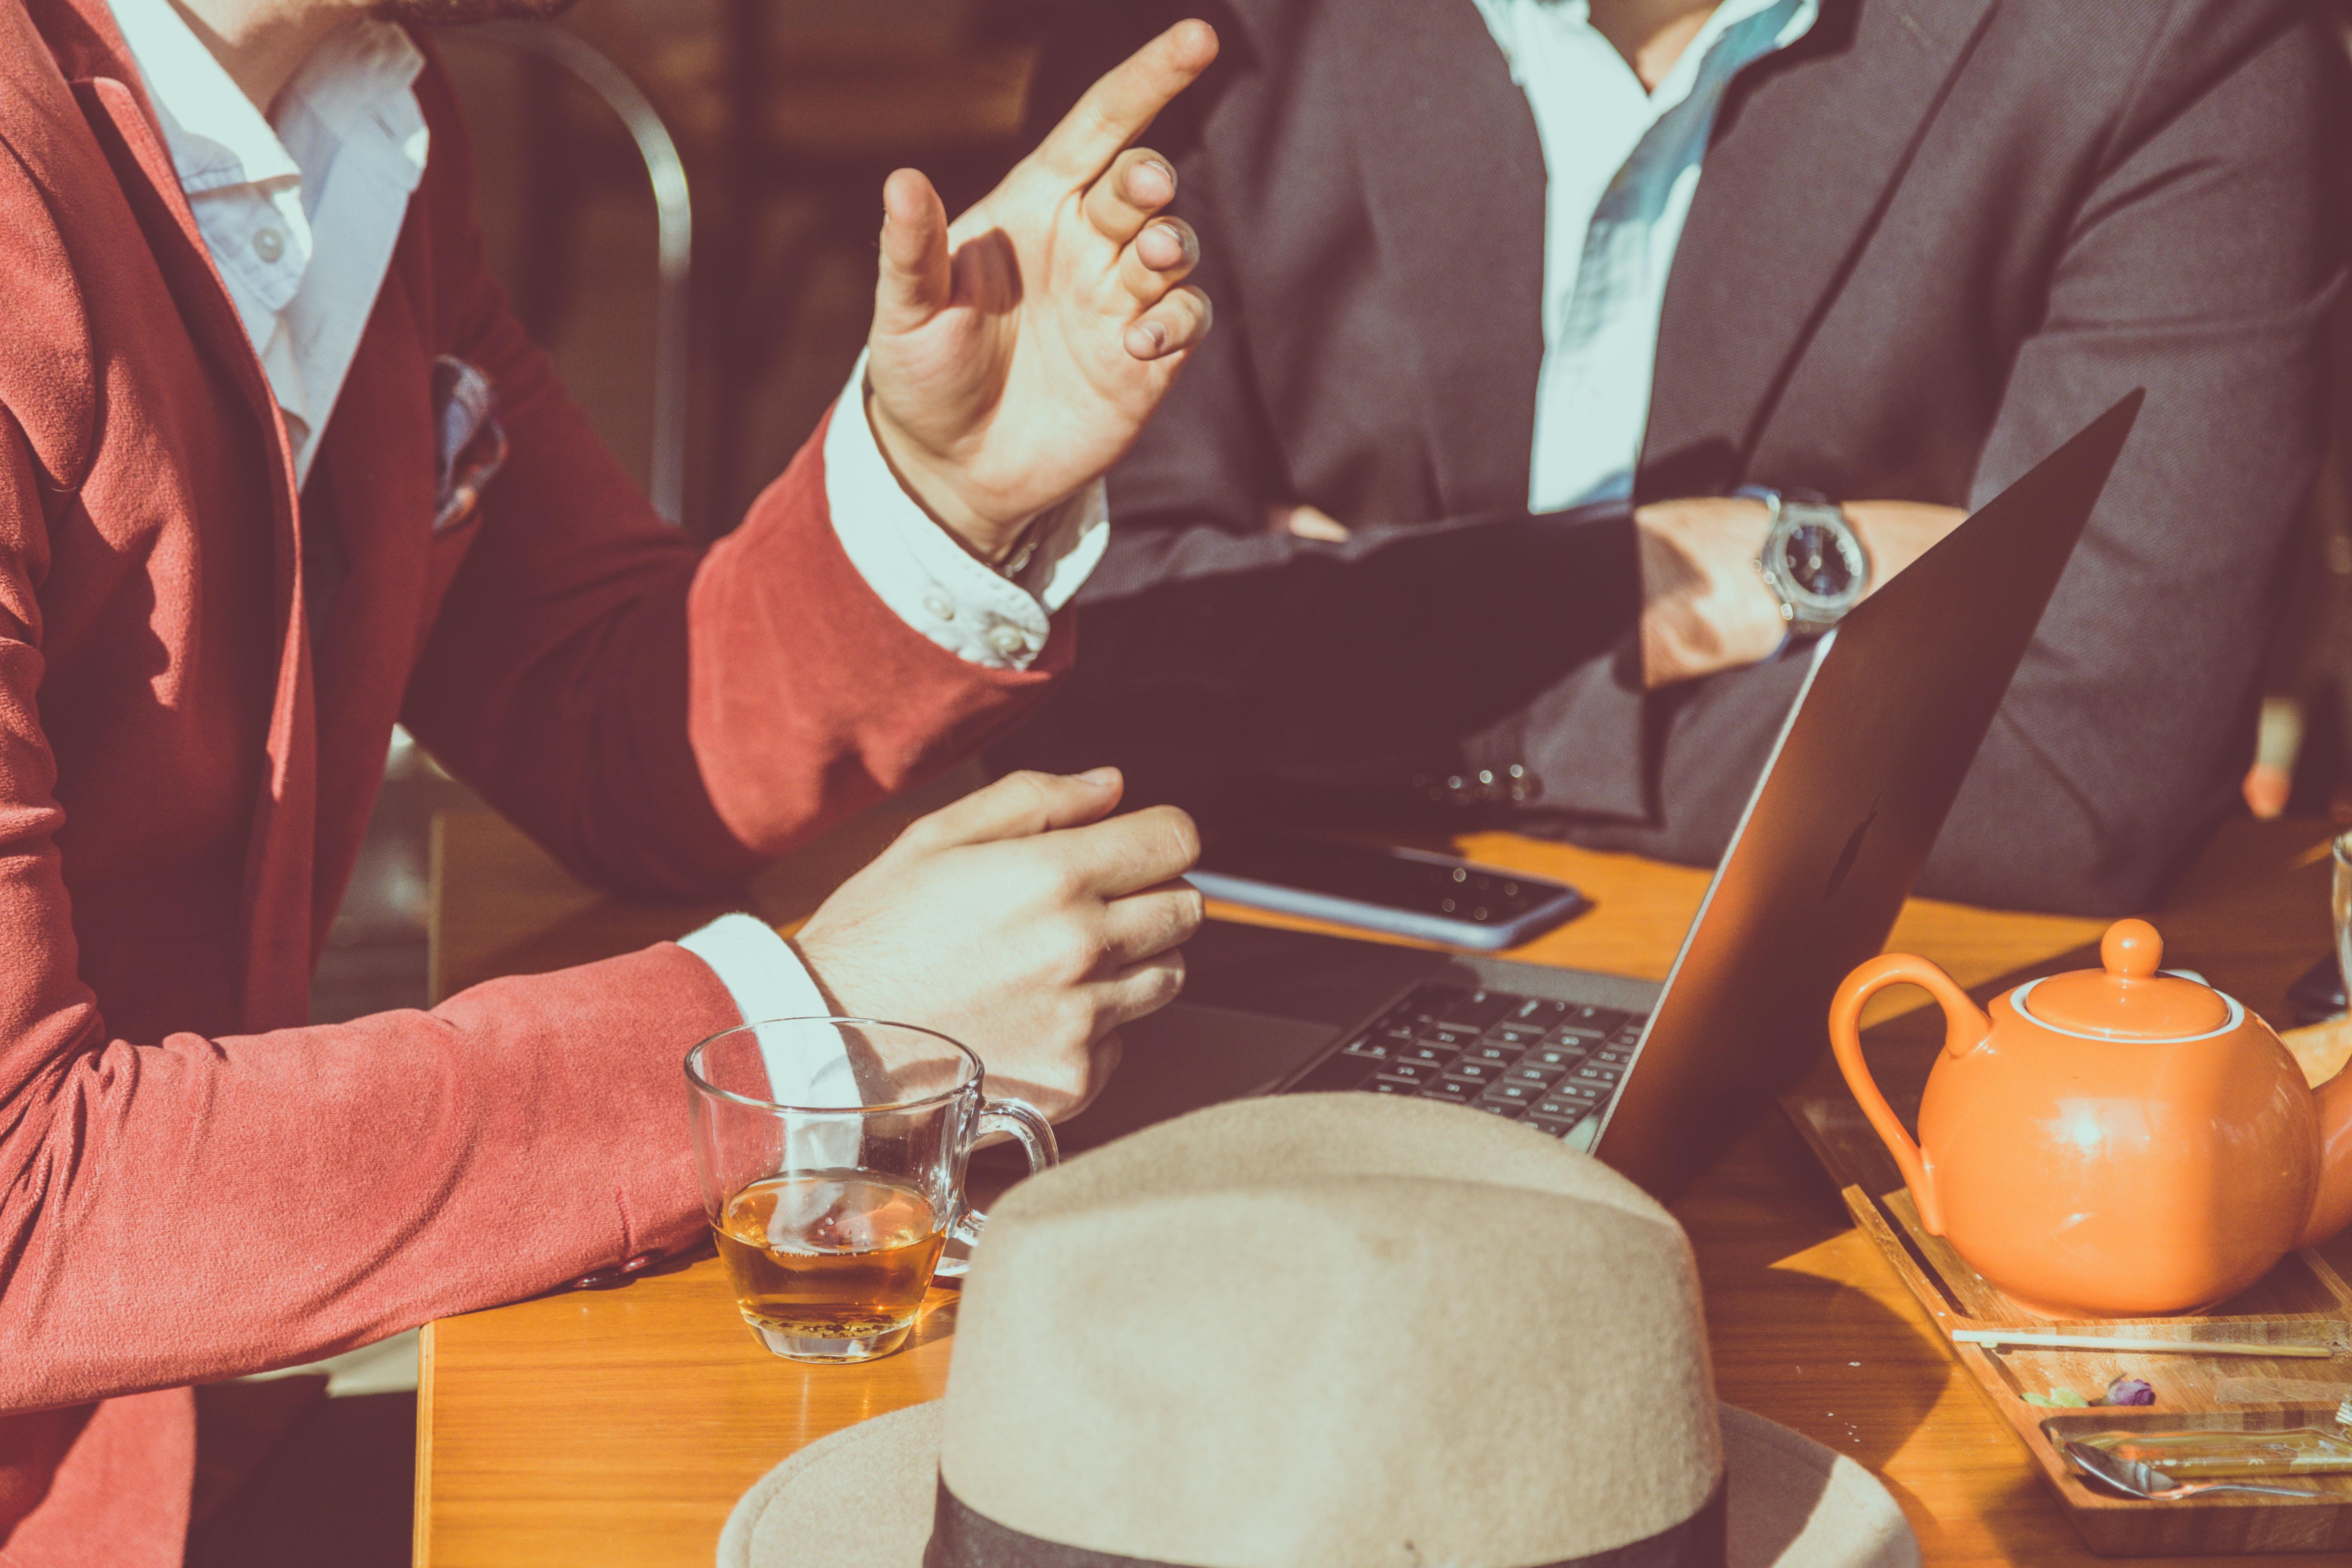 Suur lugu: kuidas Eesti ettevõtjad praeguselt tööturult uusi kogenud töötajaid leiavad? 1